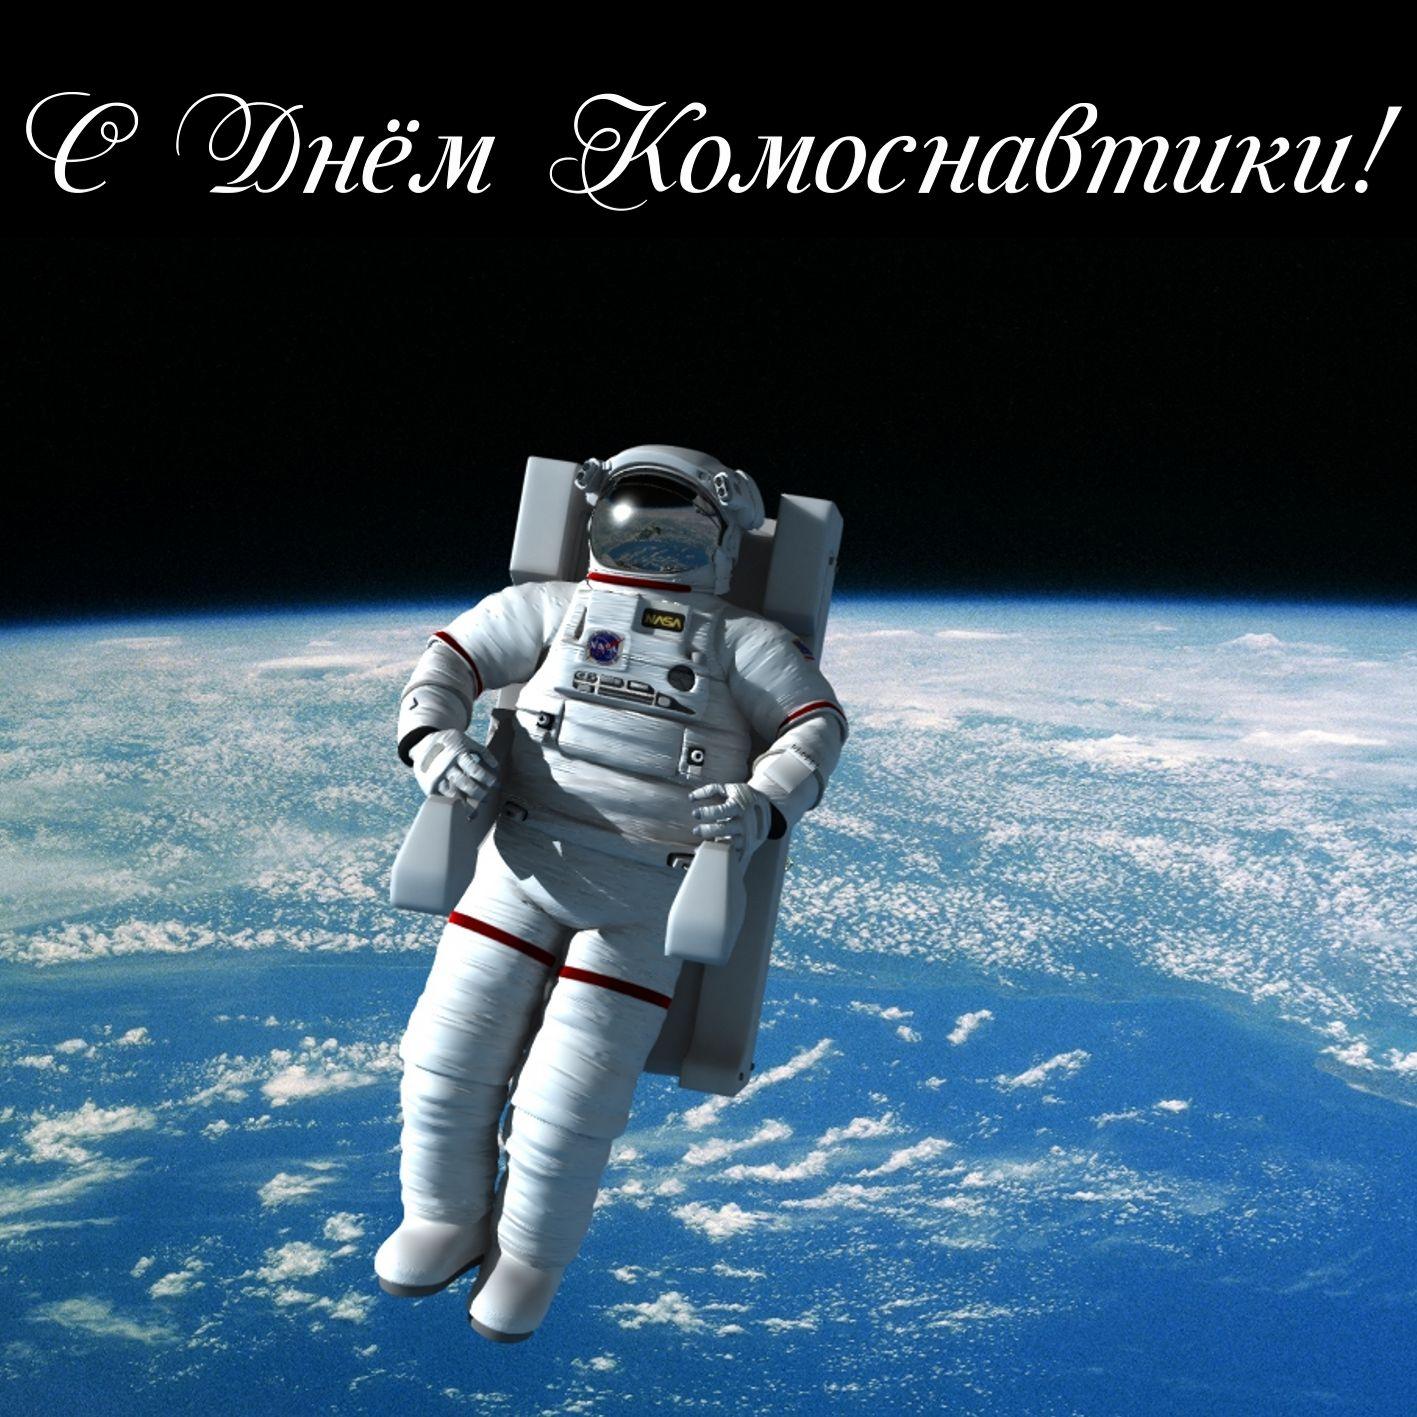 Открытка на День Космонавтики - космонавт в скафандре в открытом космосе